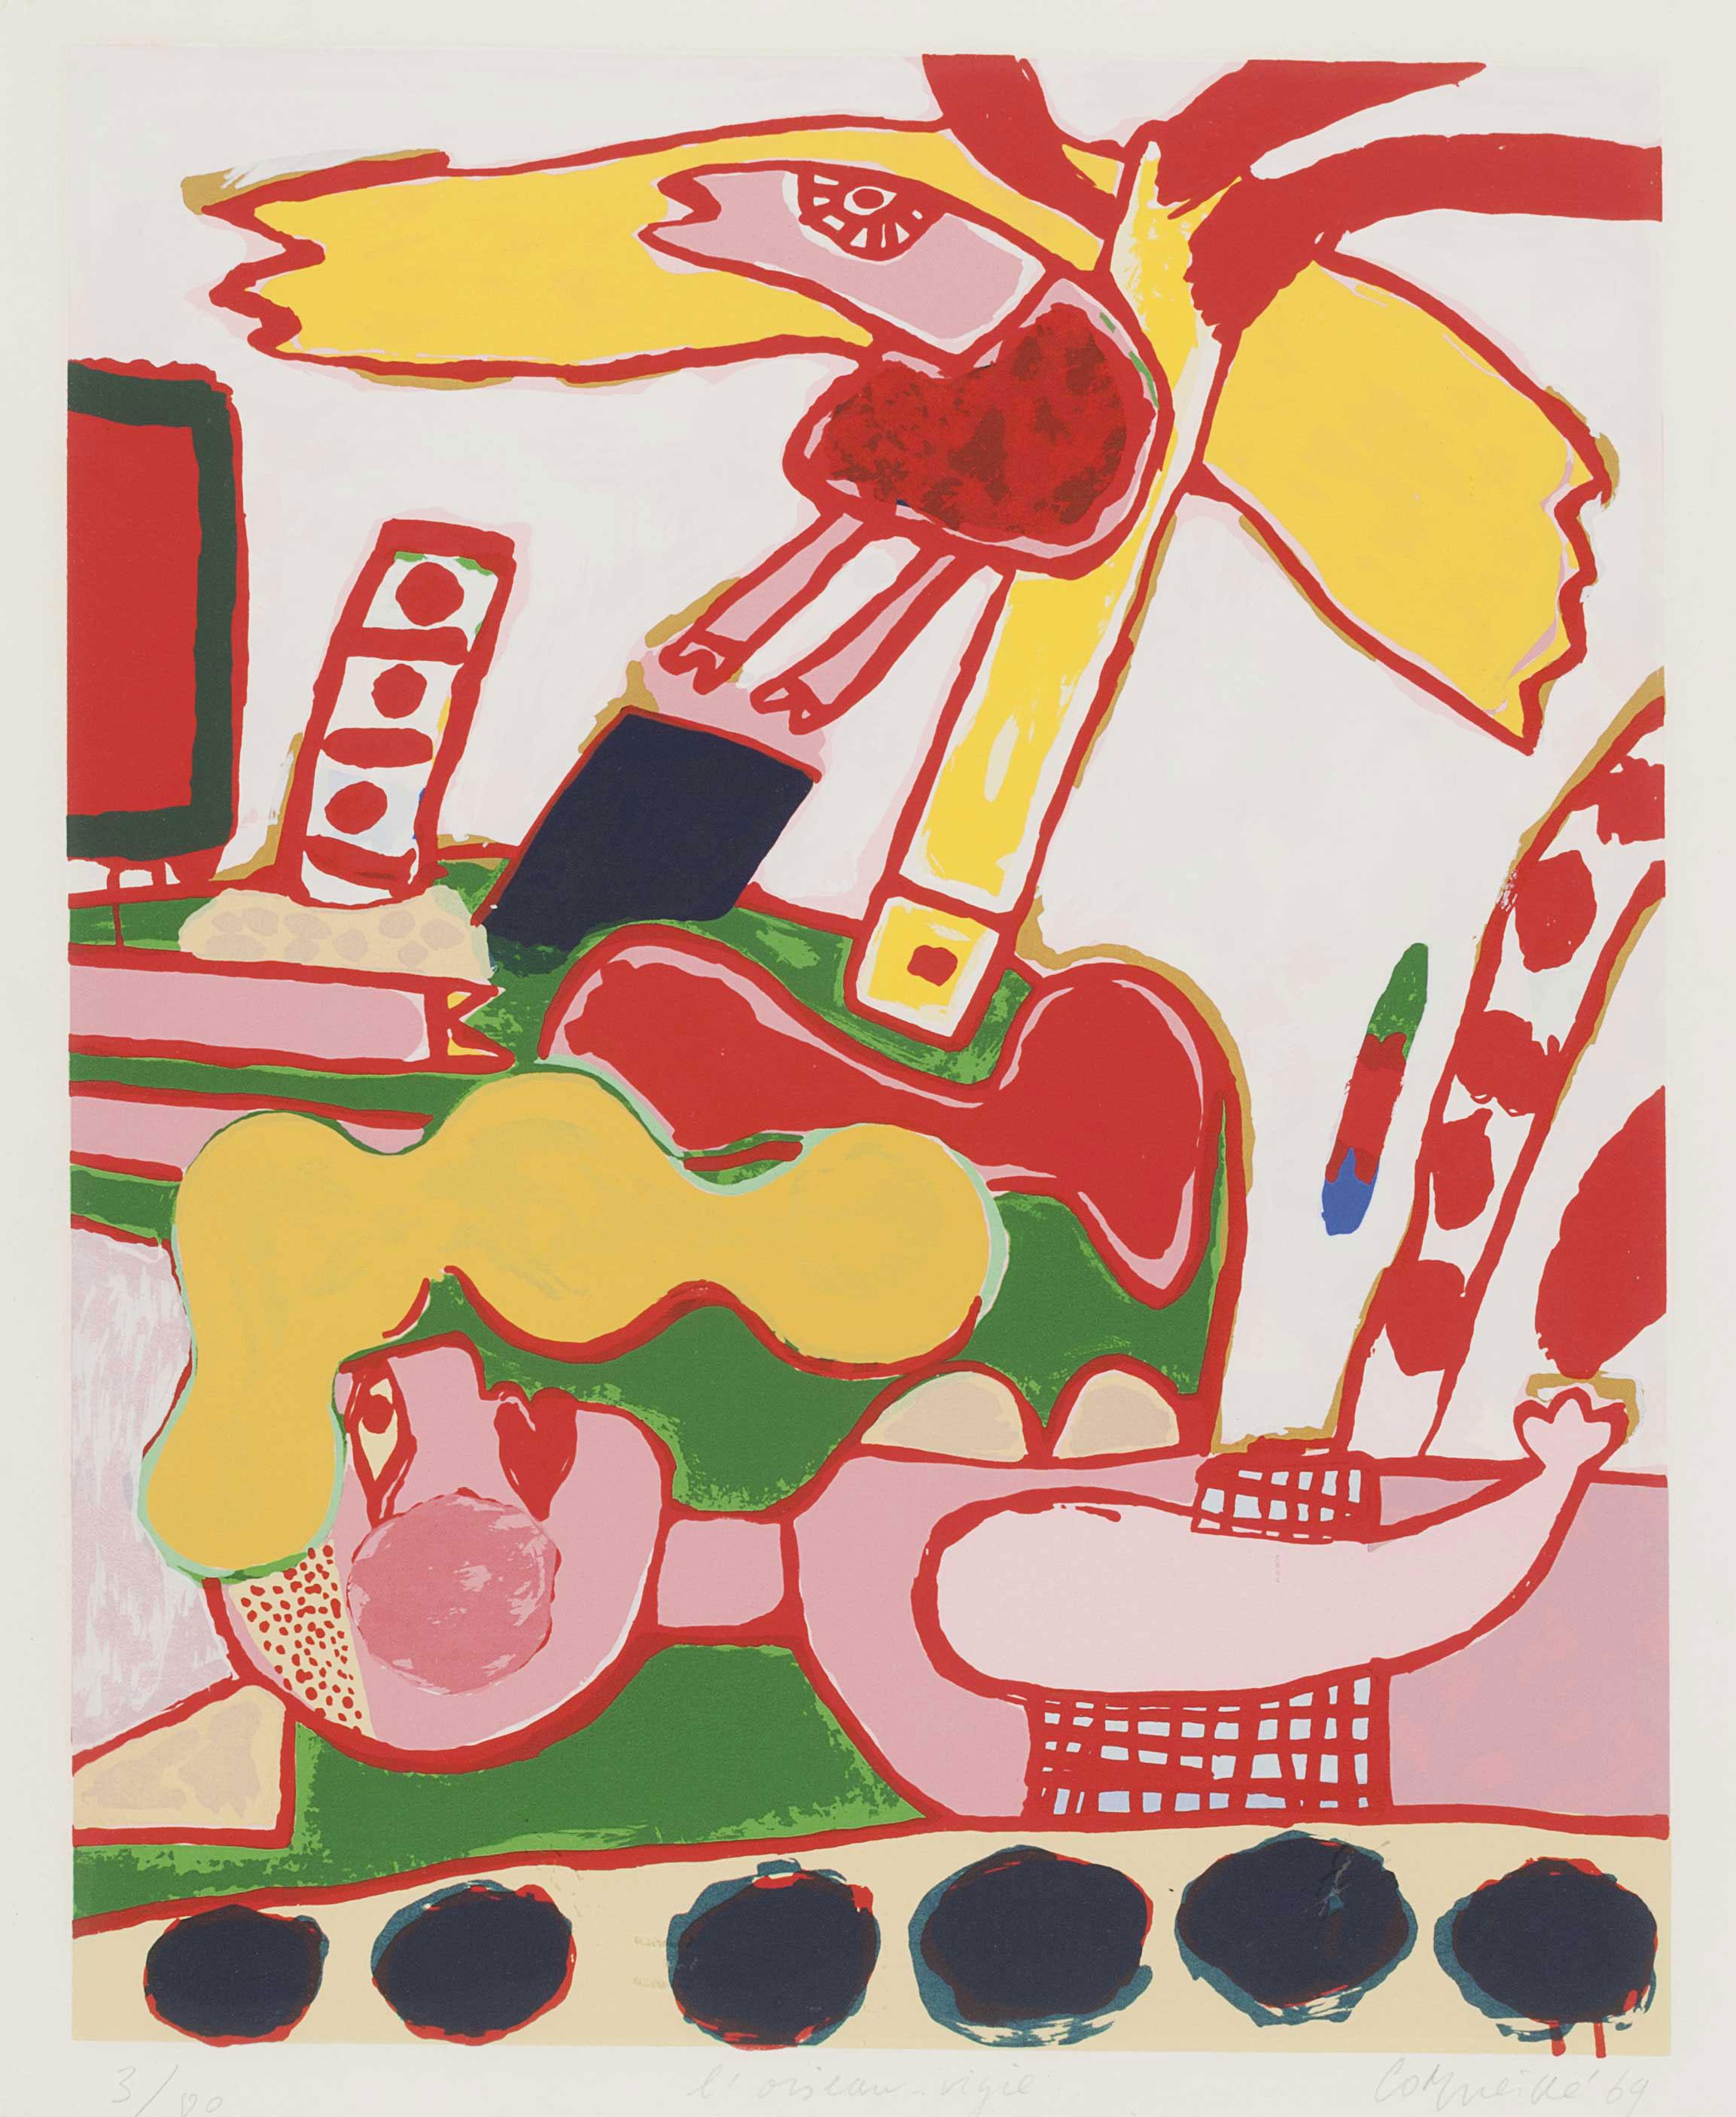 L'oiseau vigile, 1969